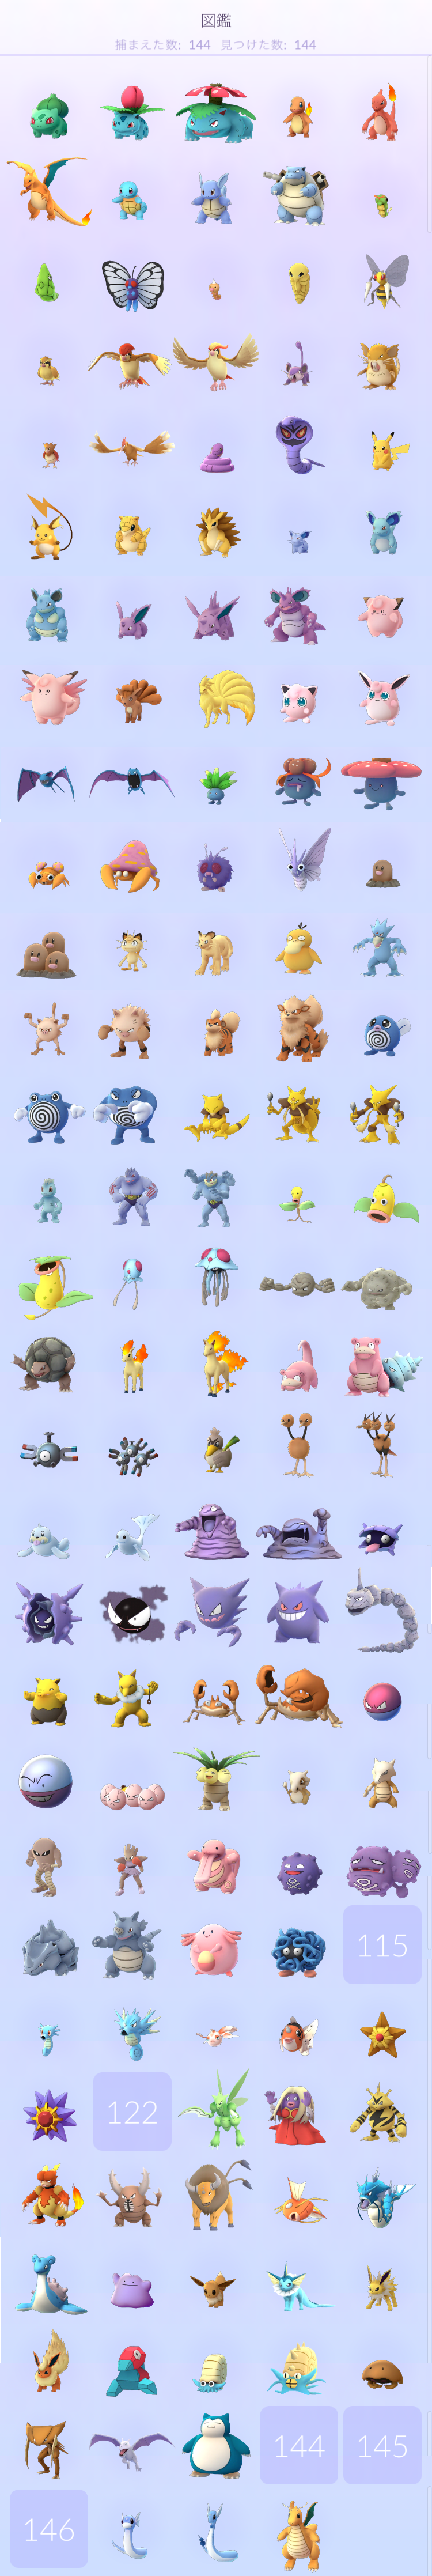 PokemonGoALL